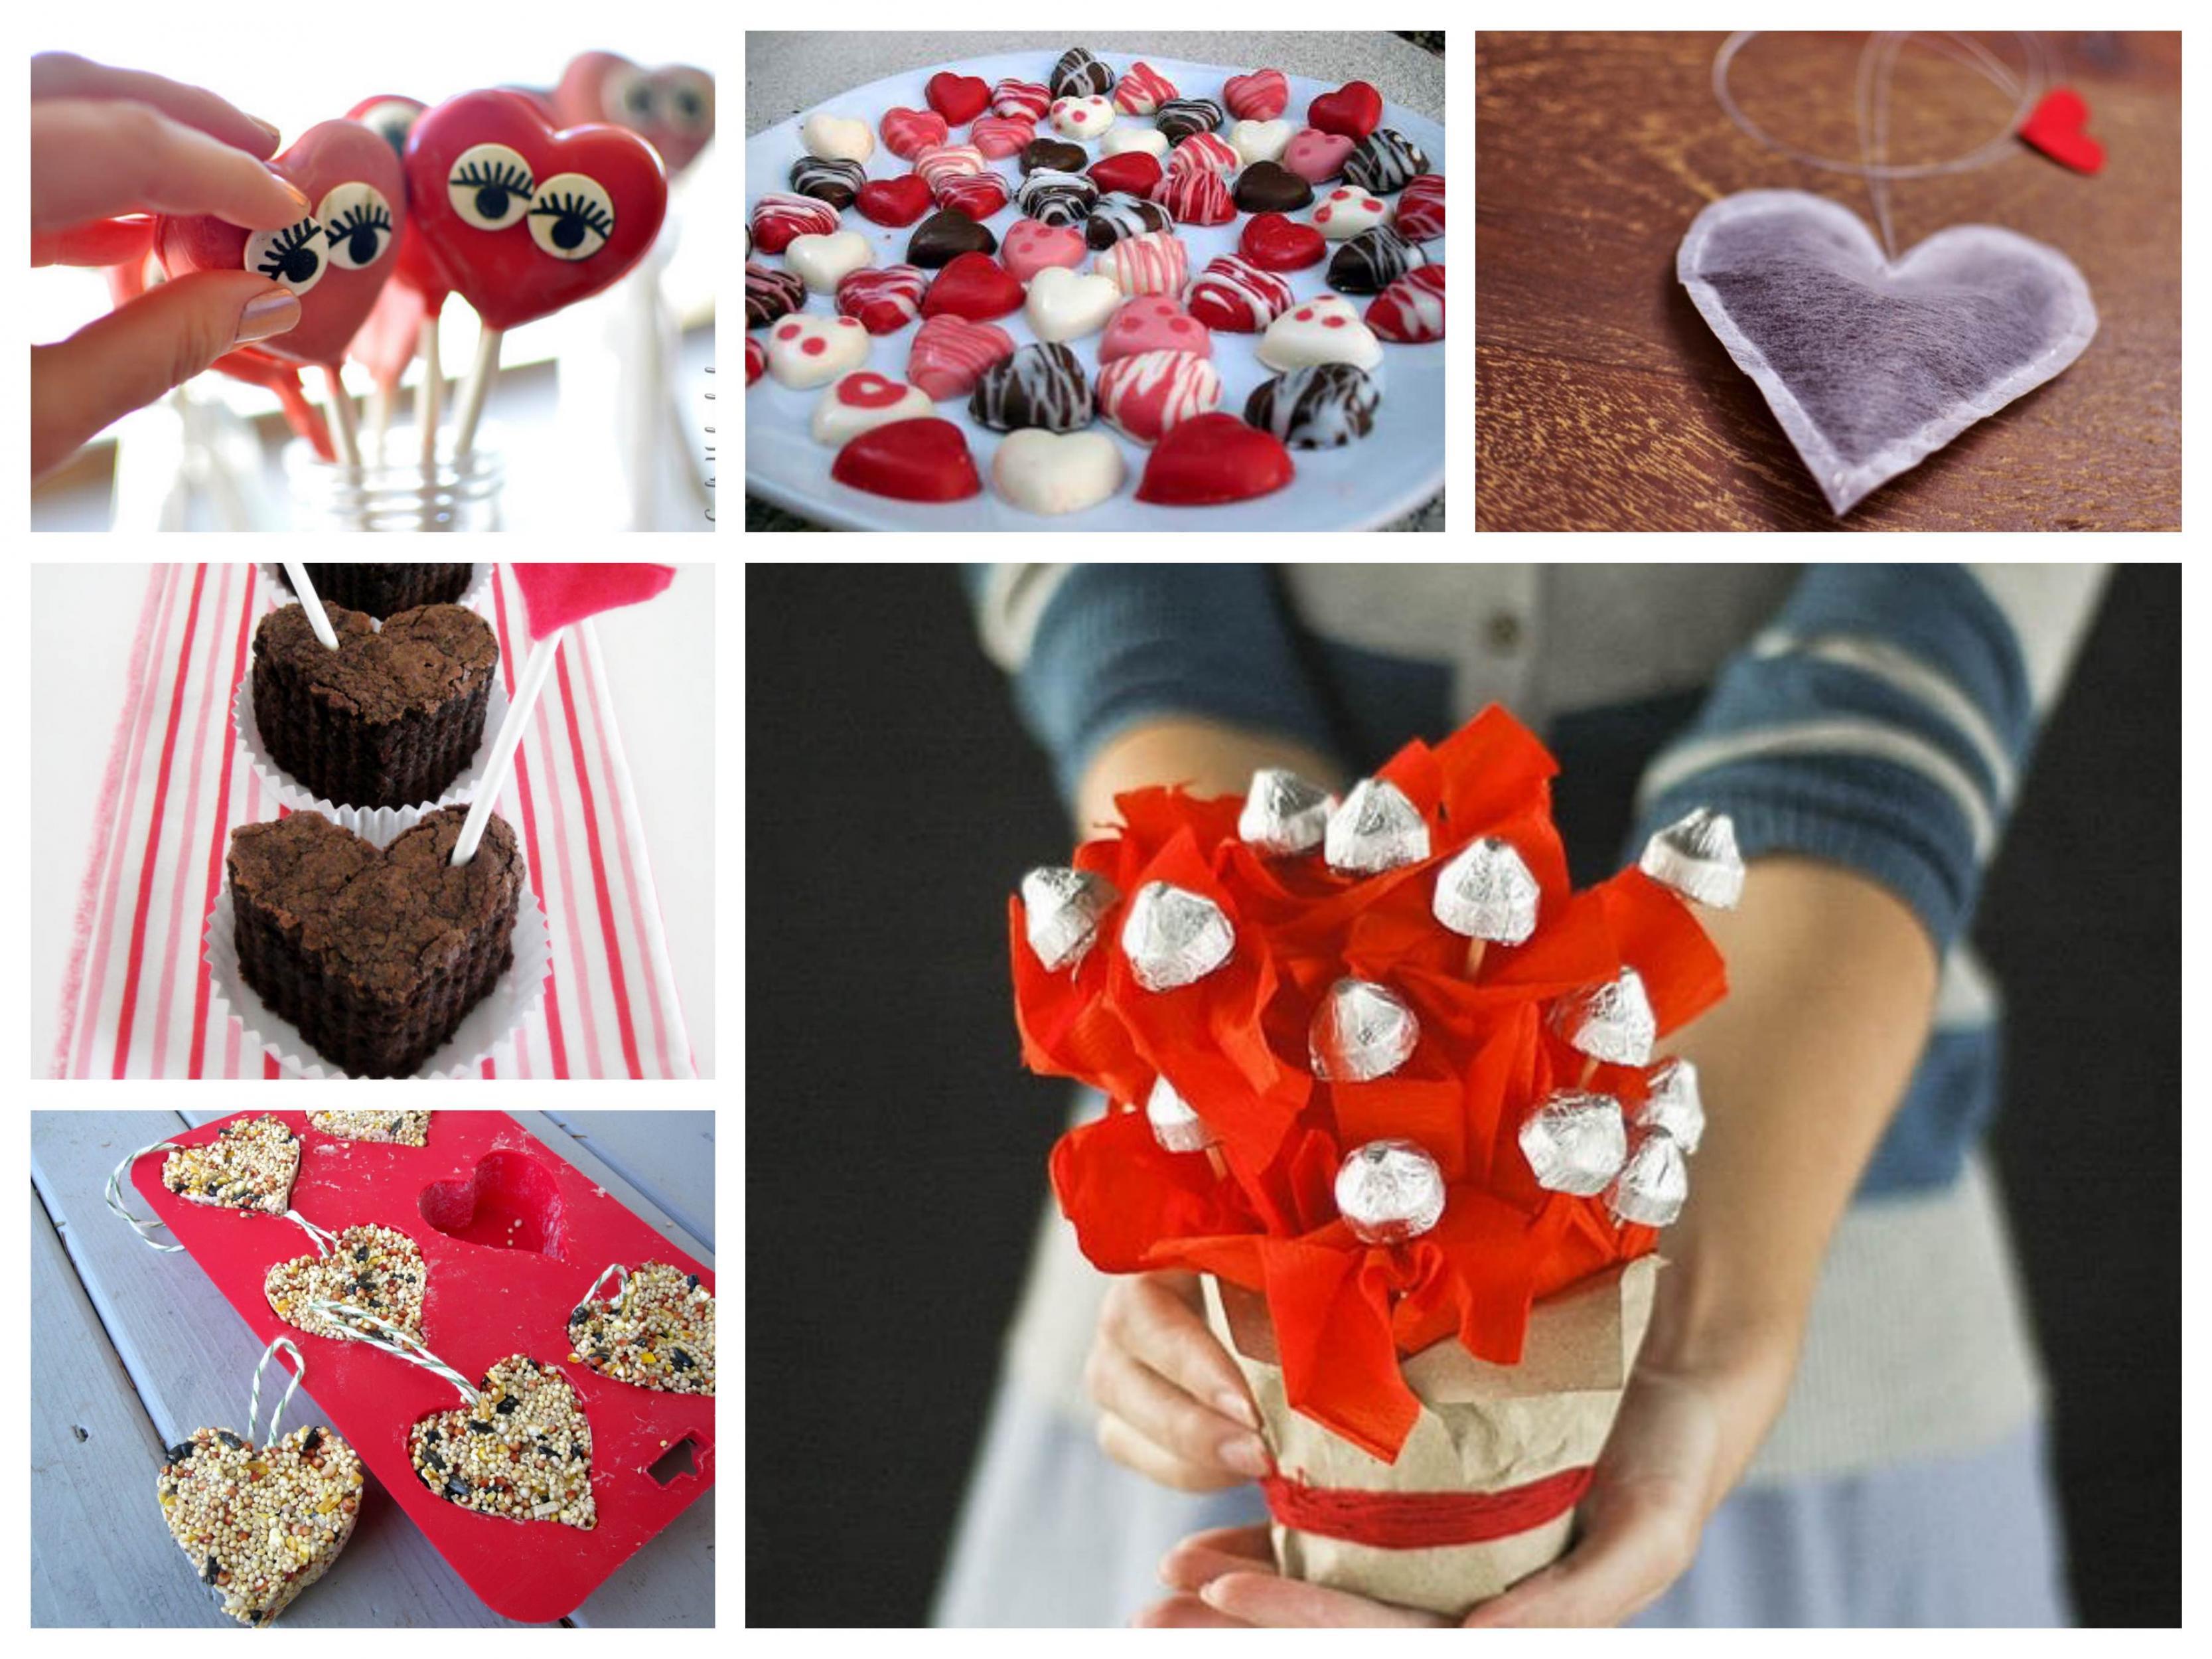 بالصور صور لعيد الحب , اجمل صور لهدايا عيد الحب 4111 21